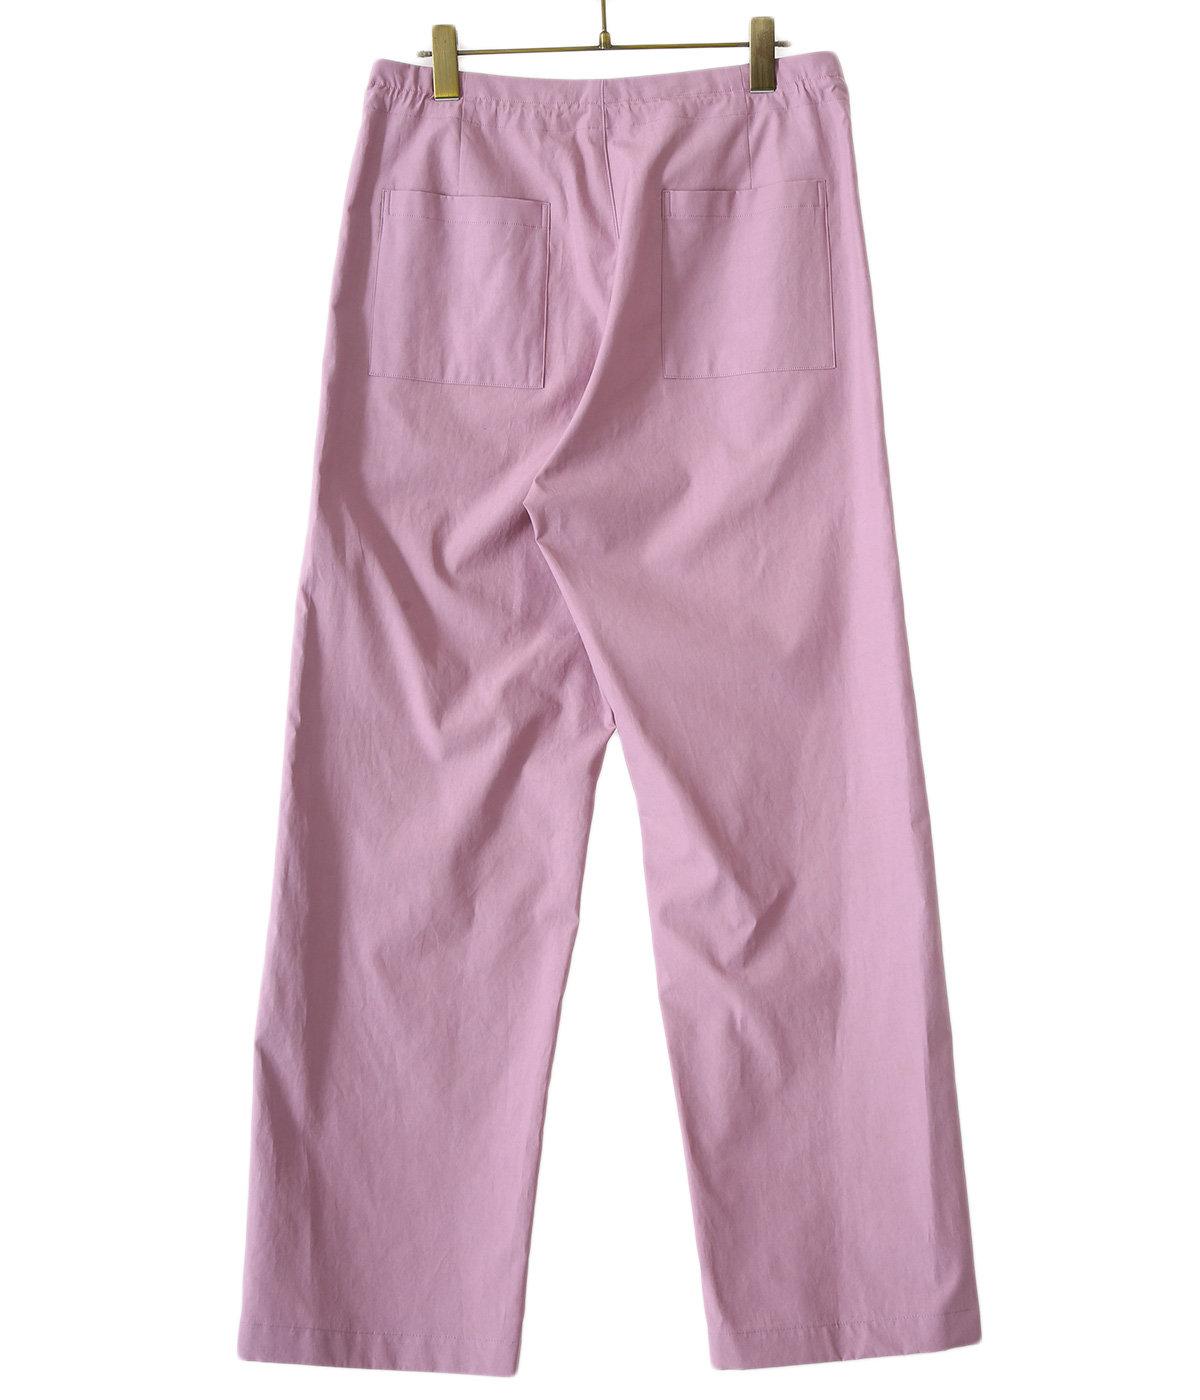 【レディース】WASHED FINX TWILL EASY WIDE PANTS